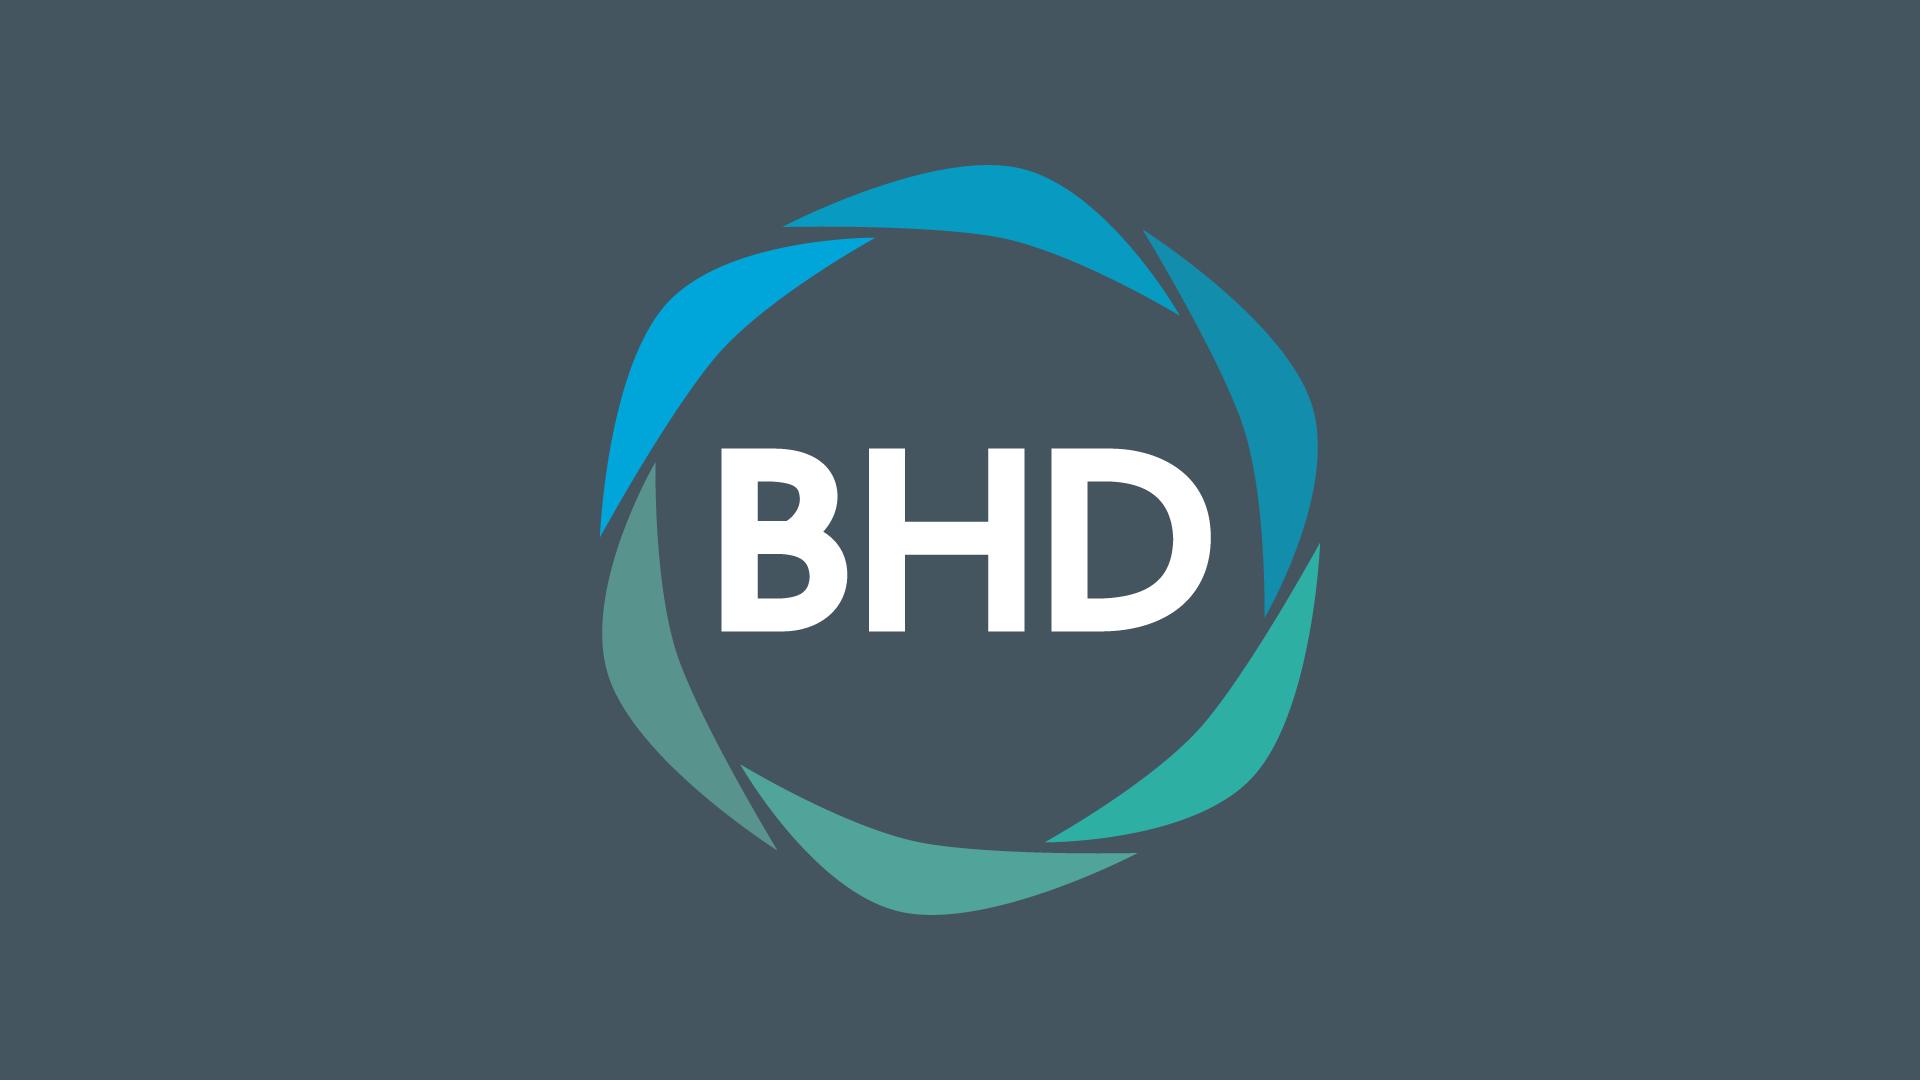 Solicitors branding and website design